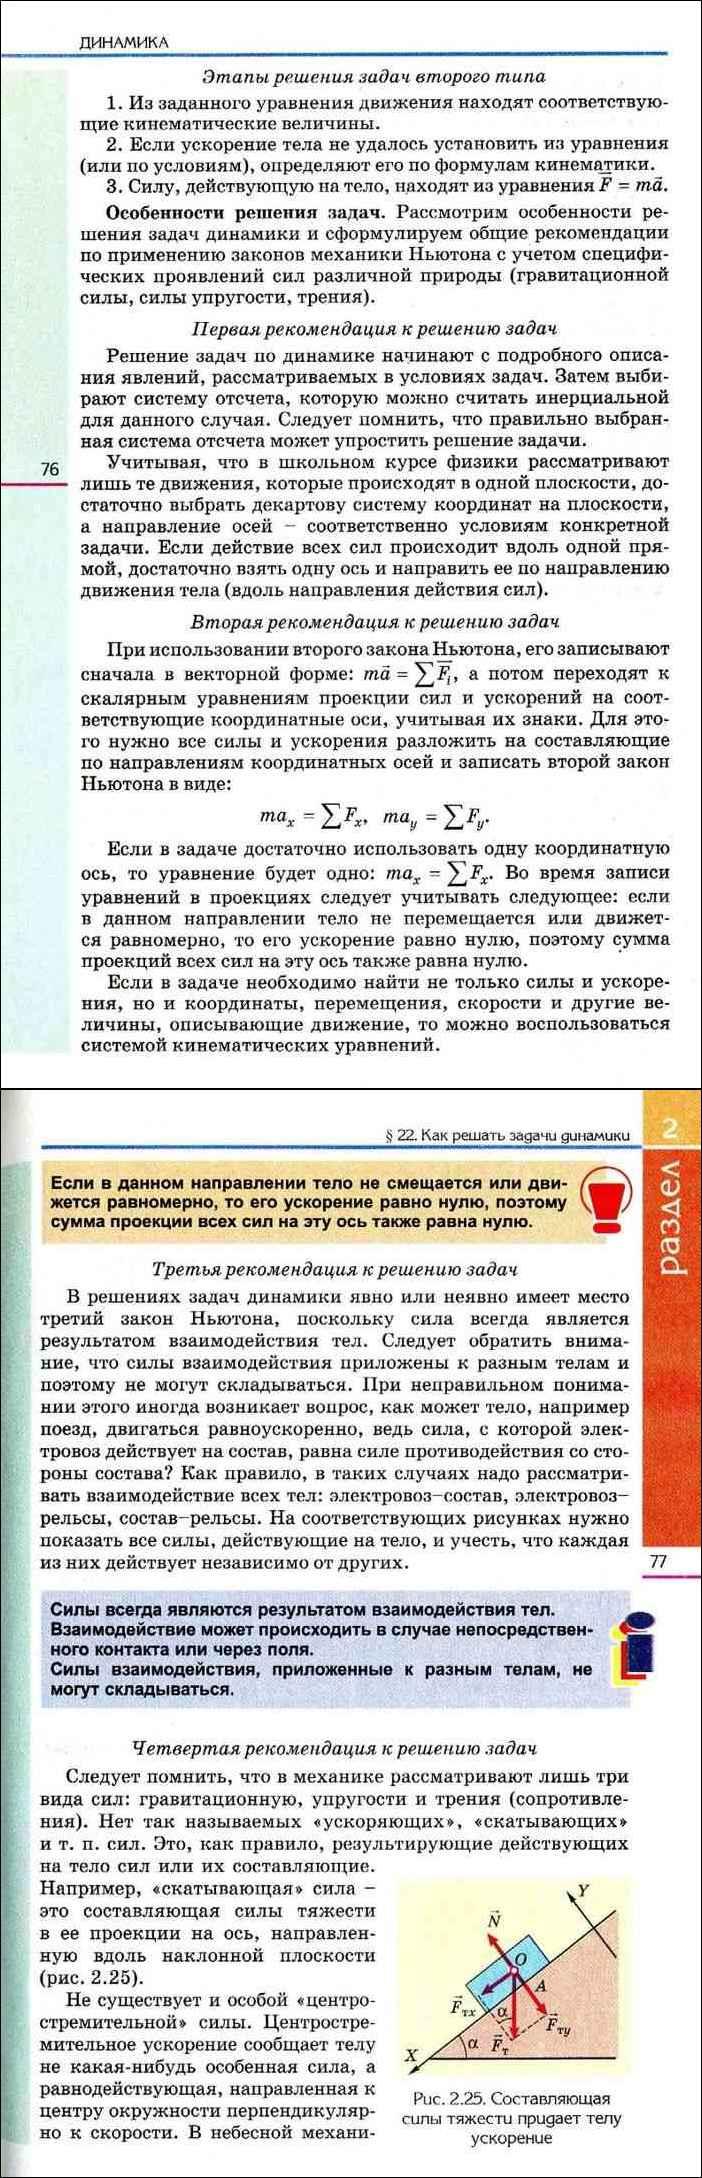 Онлайн решение задач по физике савченко решение задачи 32 математика 6 класс